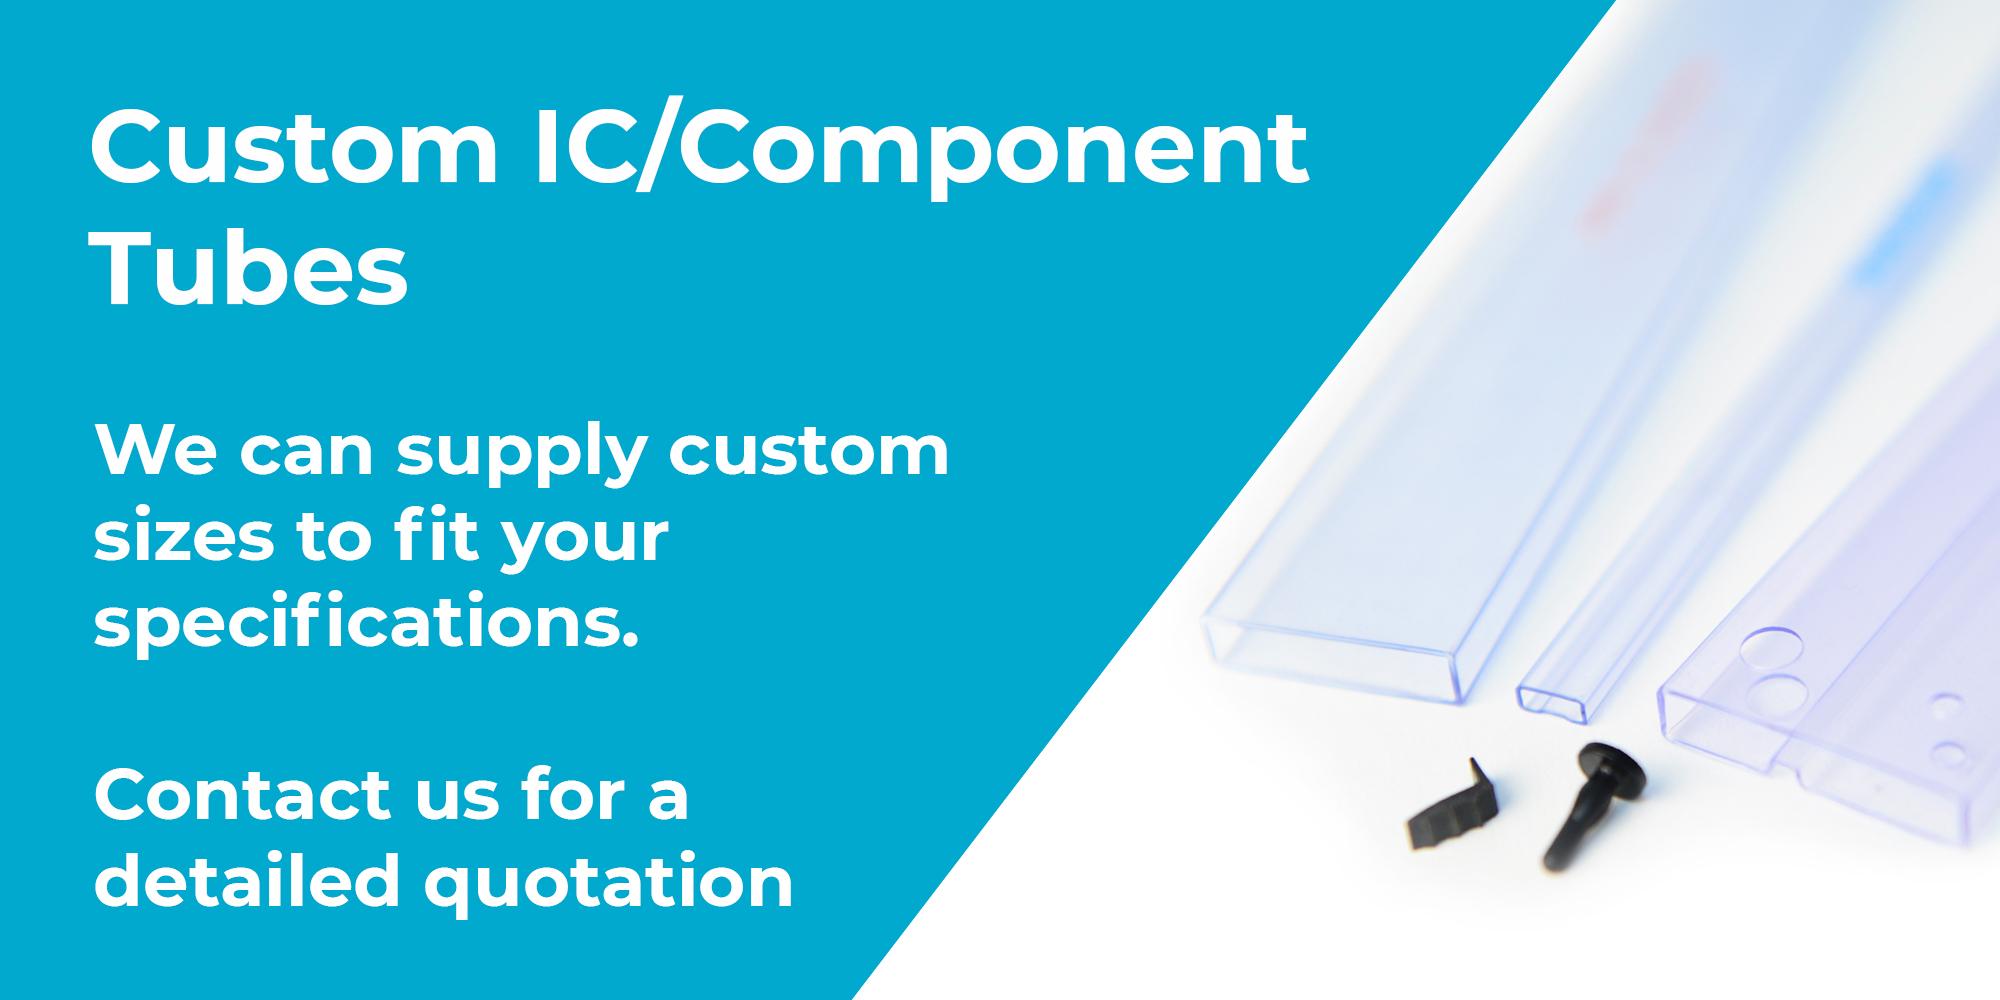 Custom IC/Component tubes